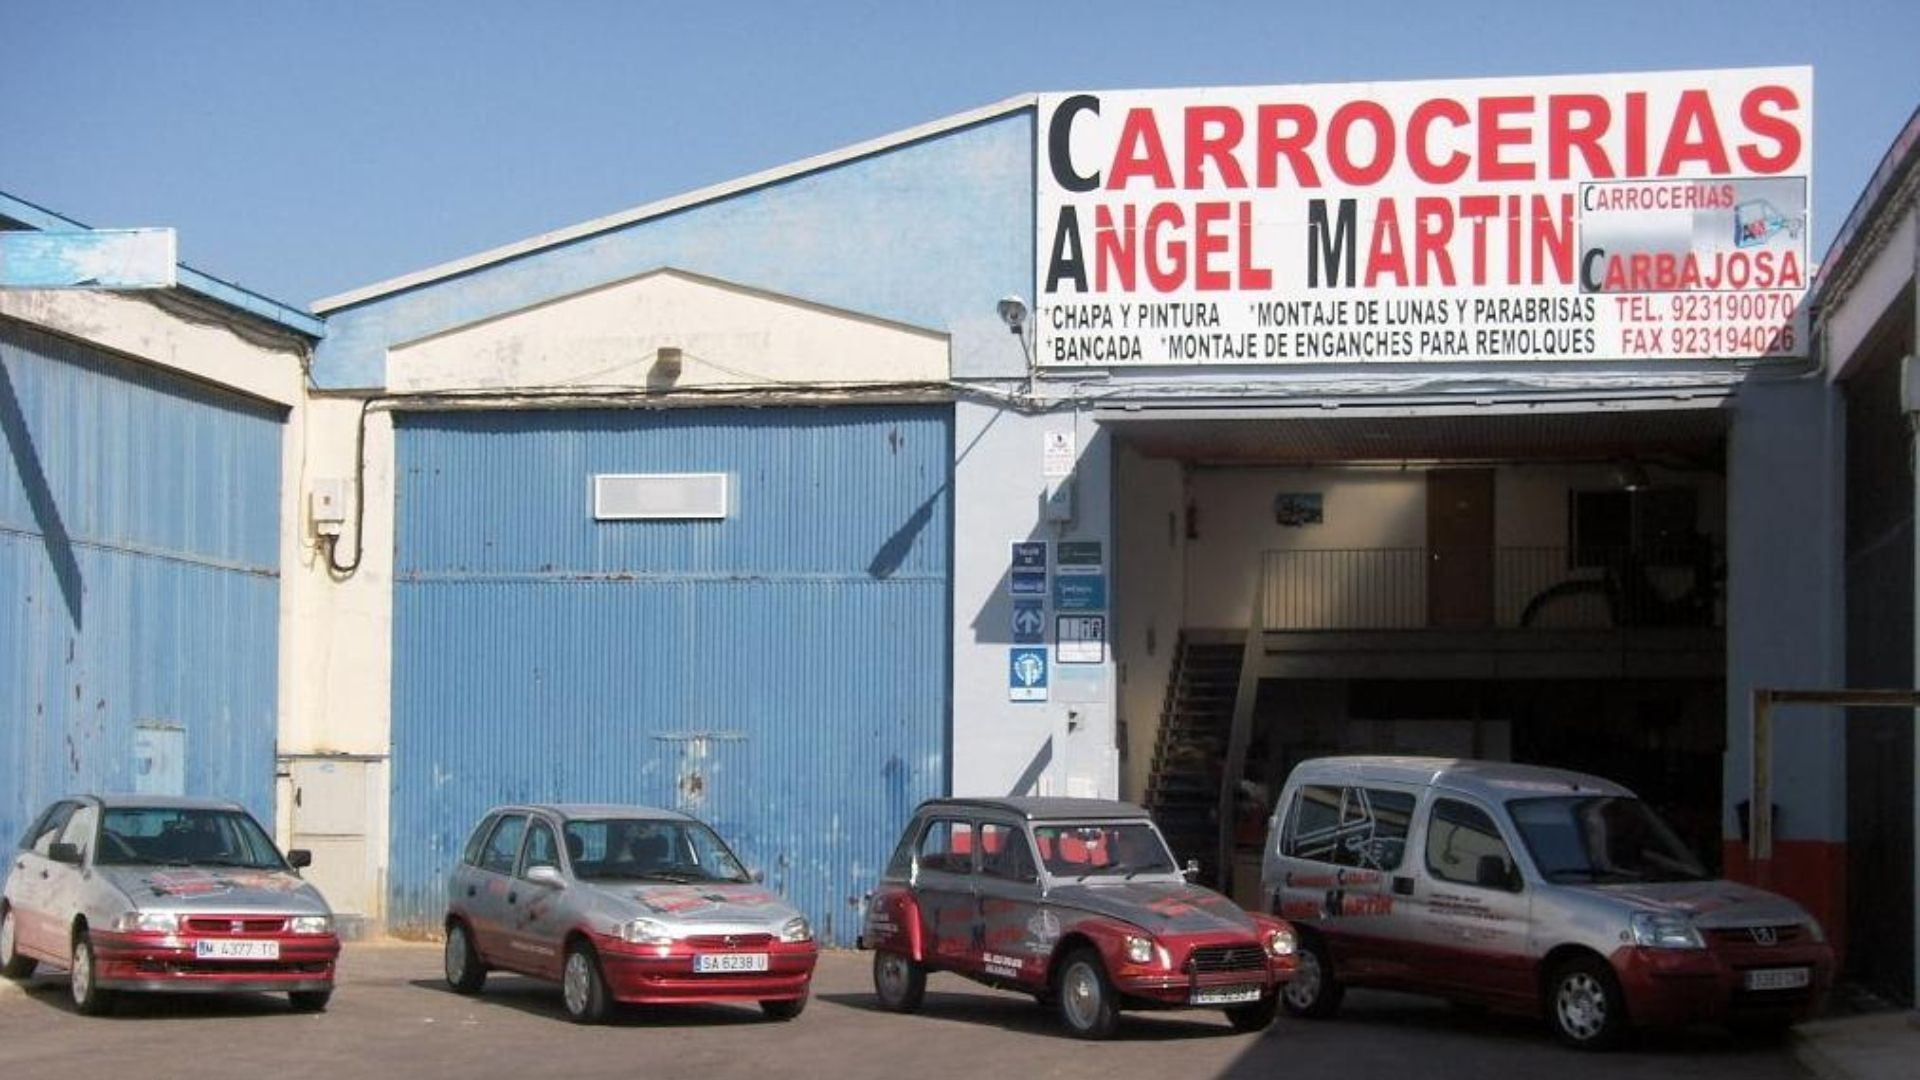 Carrocerías Angel Martin